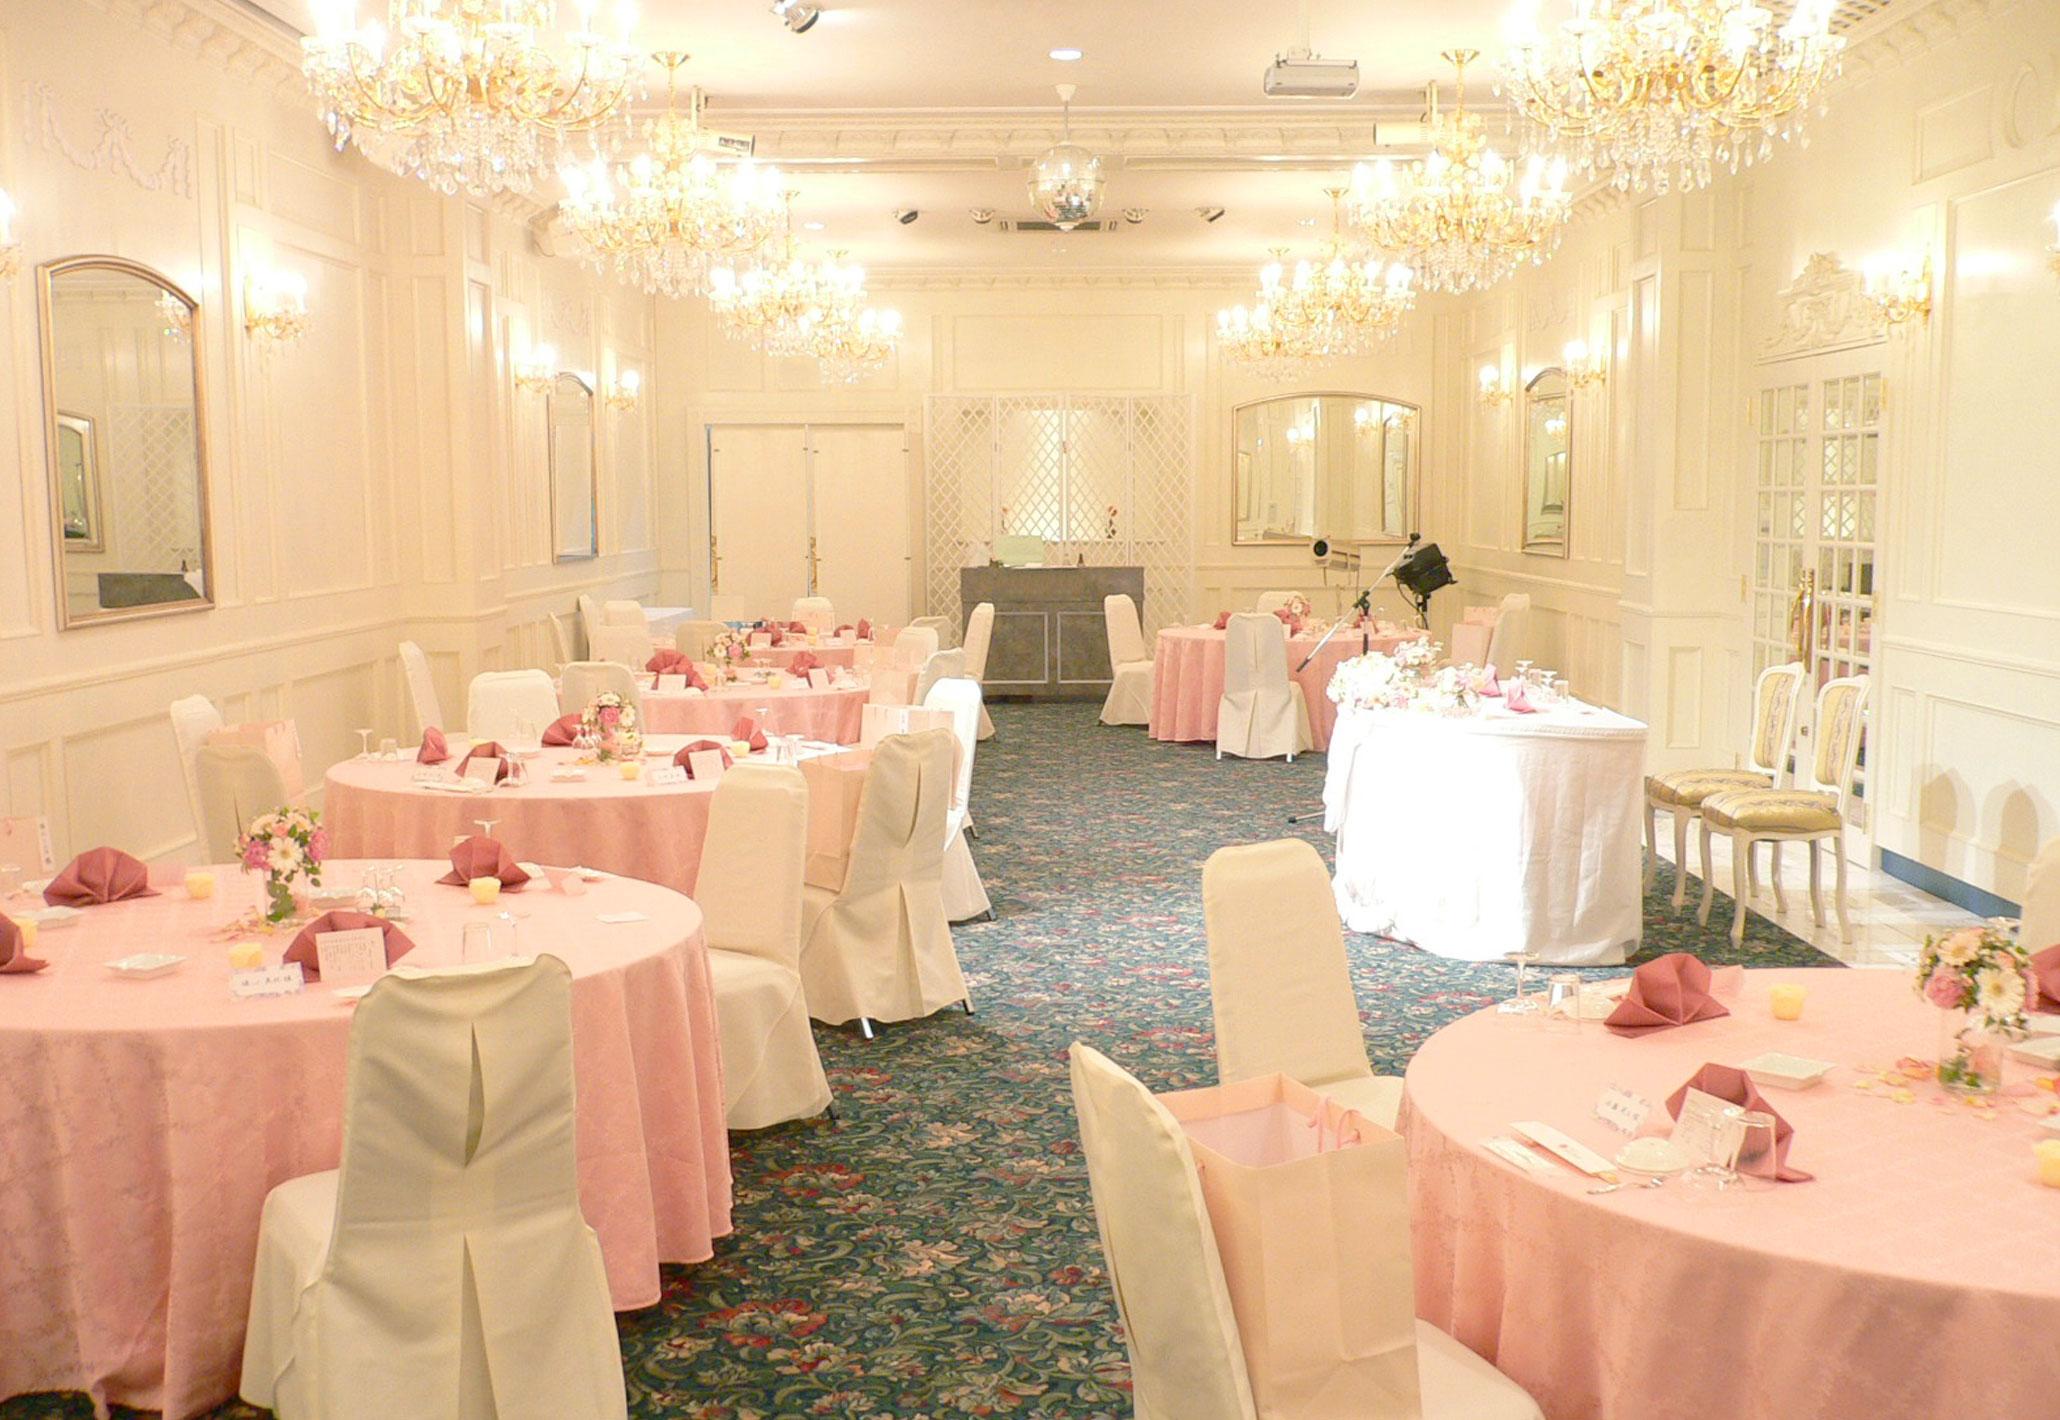 メインテーブルとゲストテーブルが近いので、アットホームな雰囲気に | 愛媛県西条市の結婚式場ベルフォーレ西条